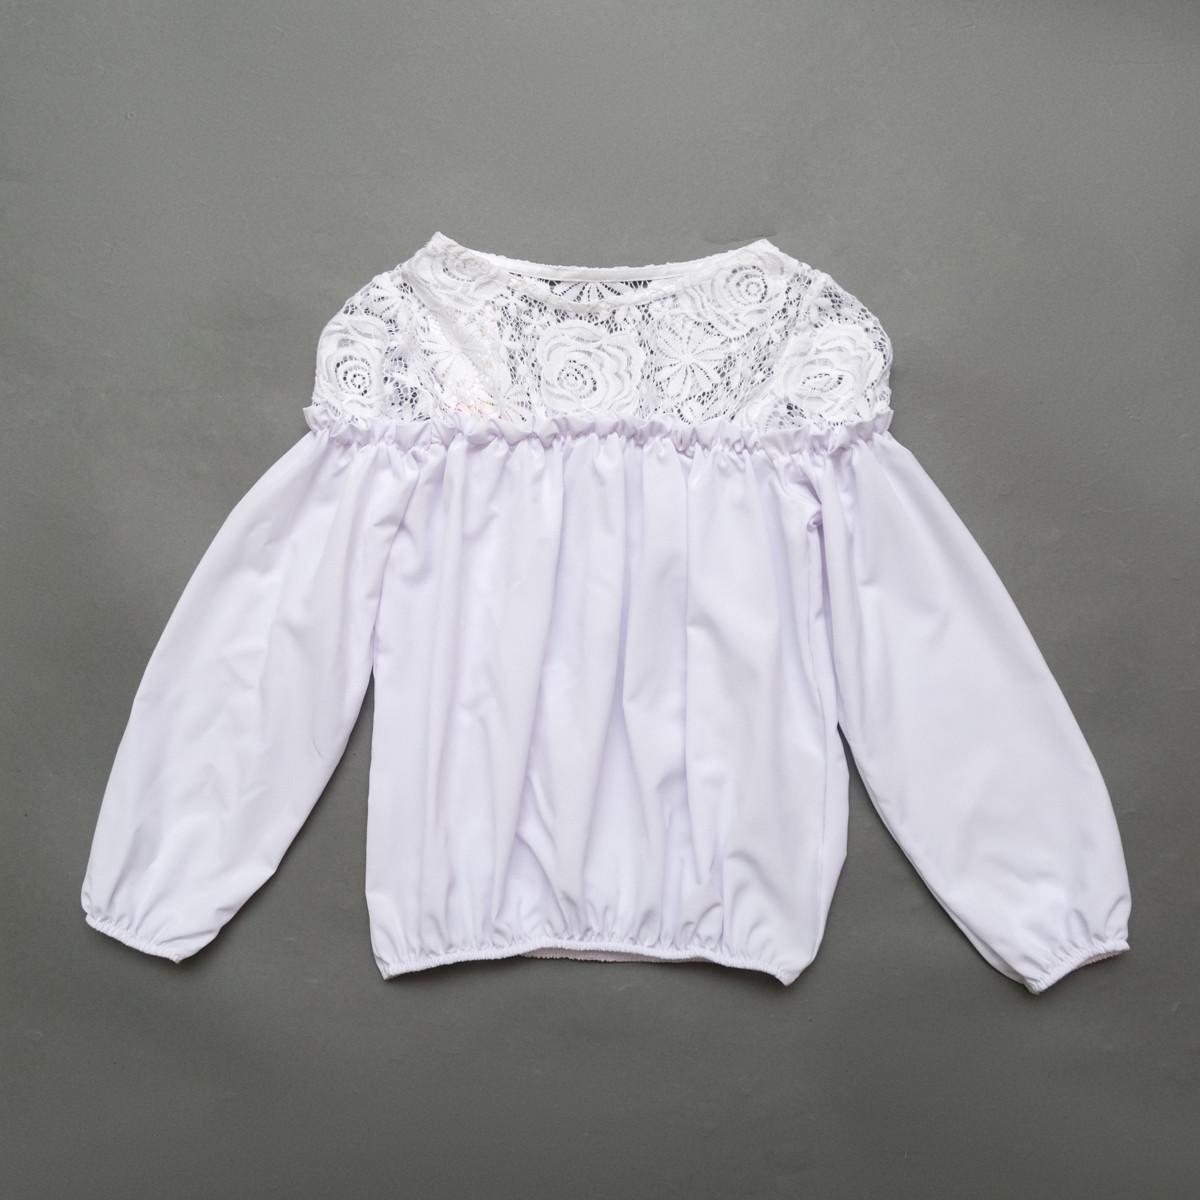 Блузка з довгим рукавом SmileTime Susie з гіпюром, білий